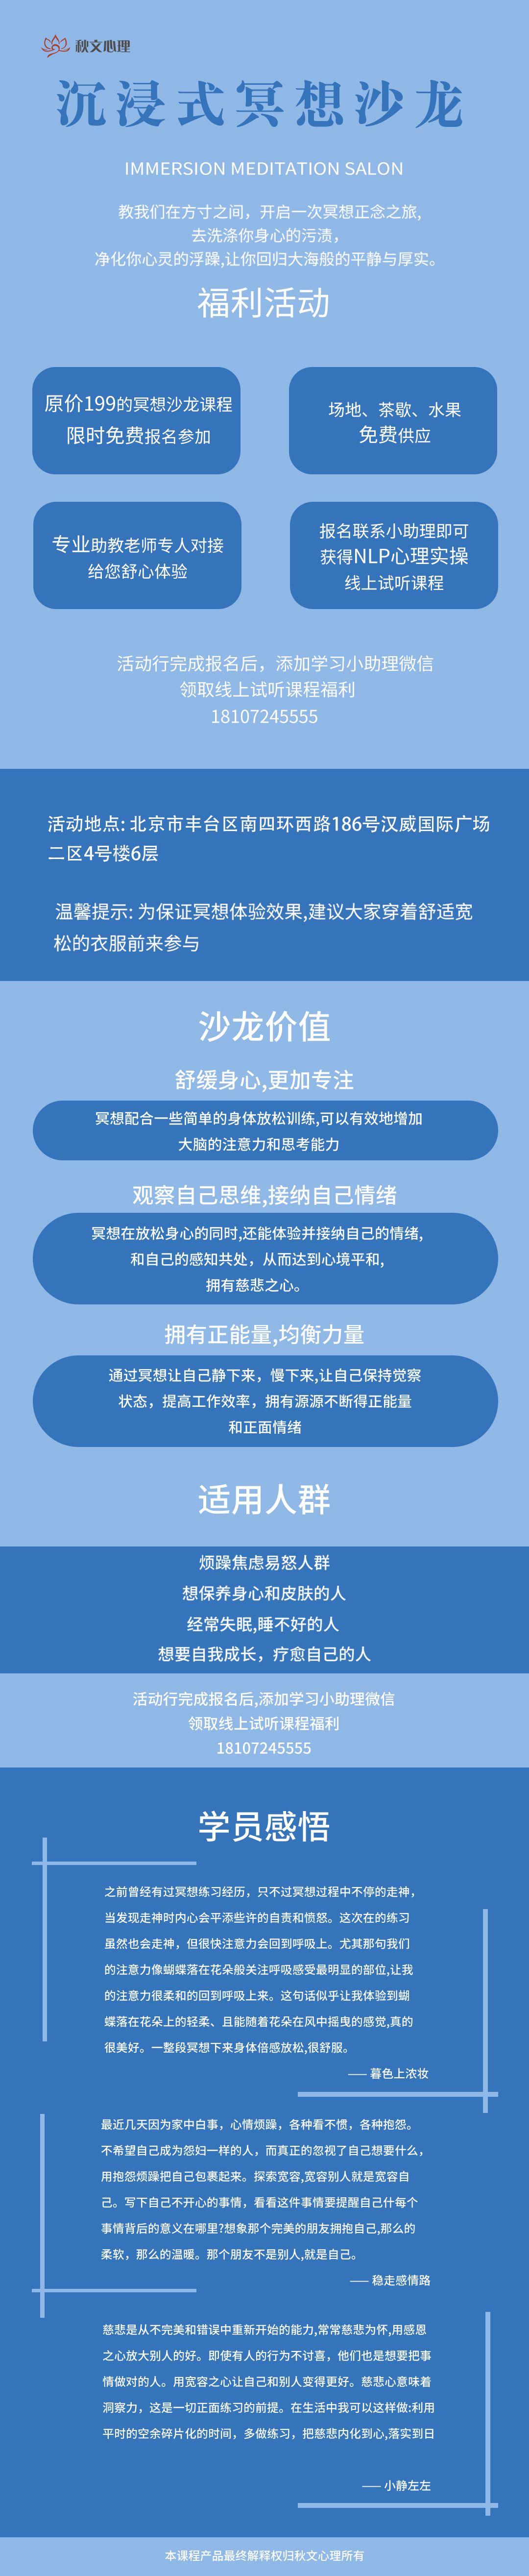 北京沙龙.jpg